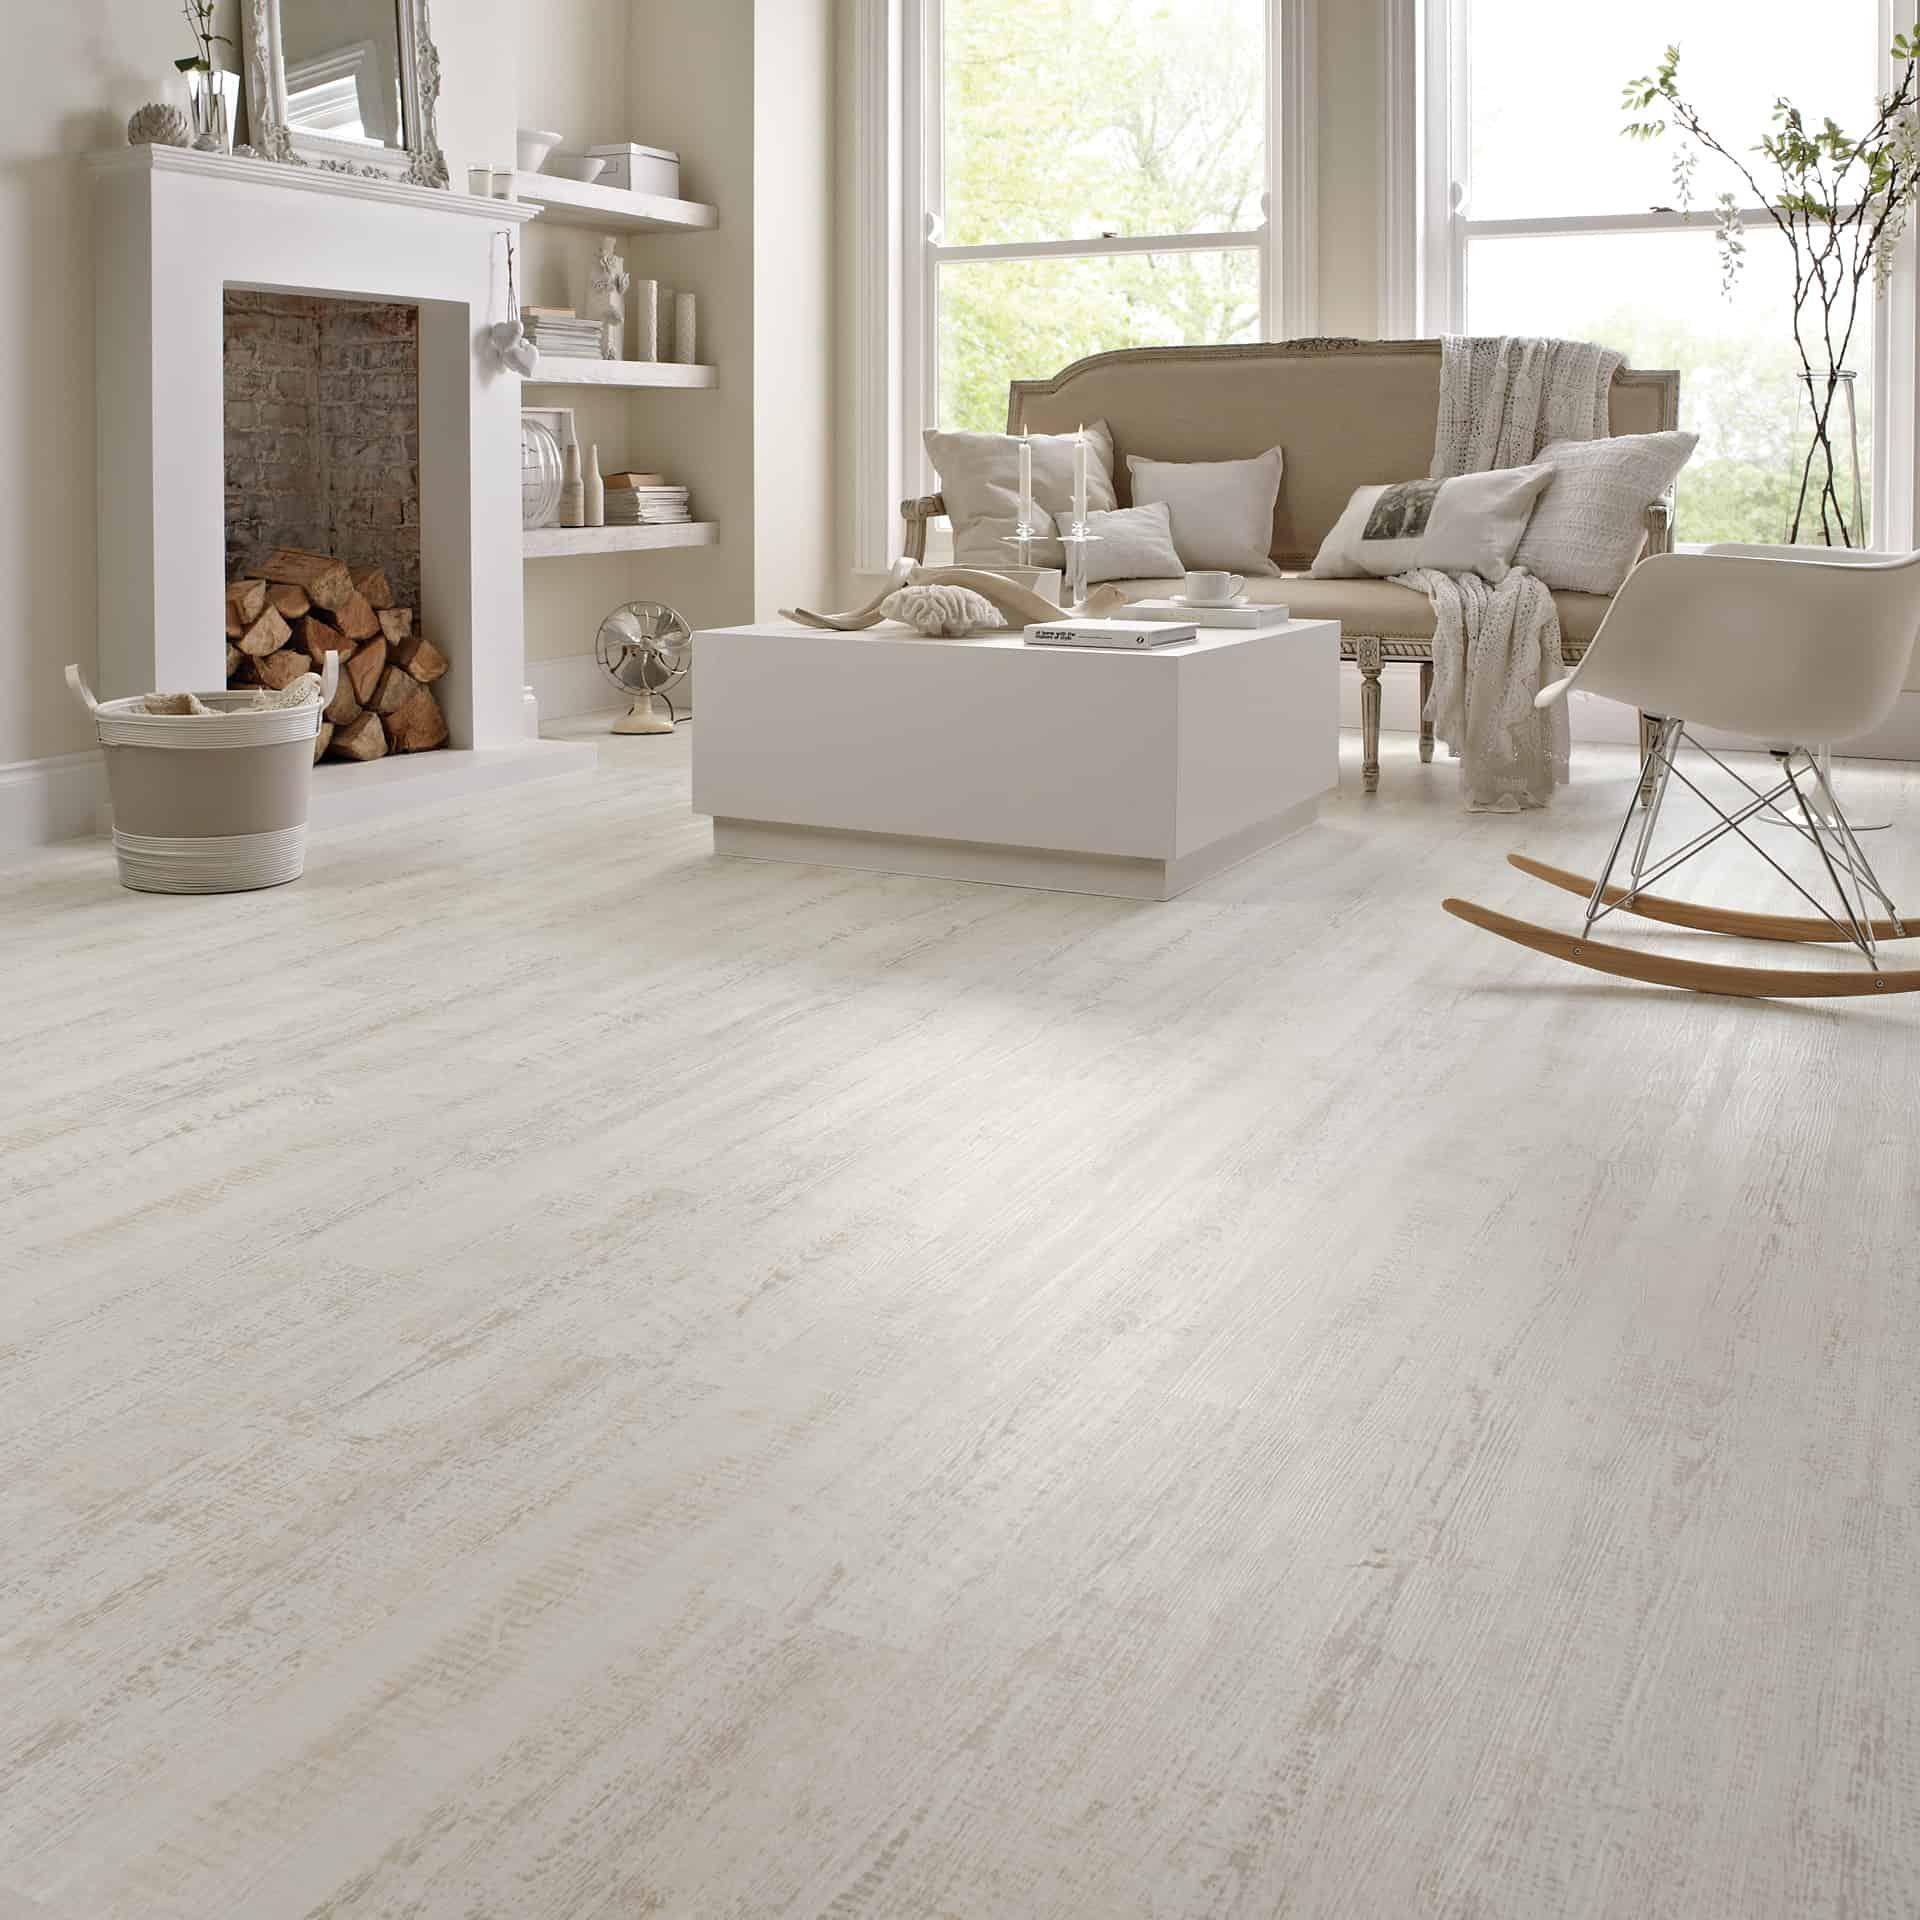 12 lovely white living room furniture ideas